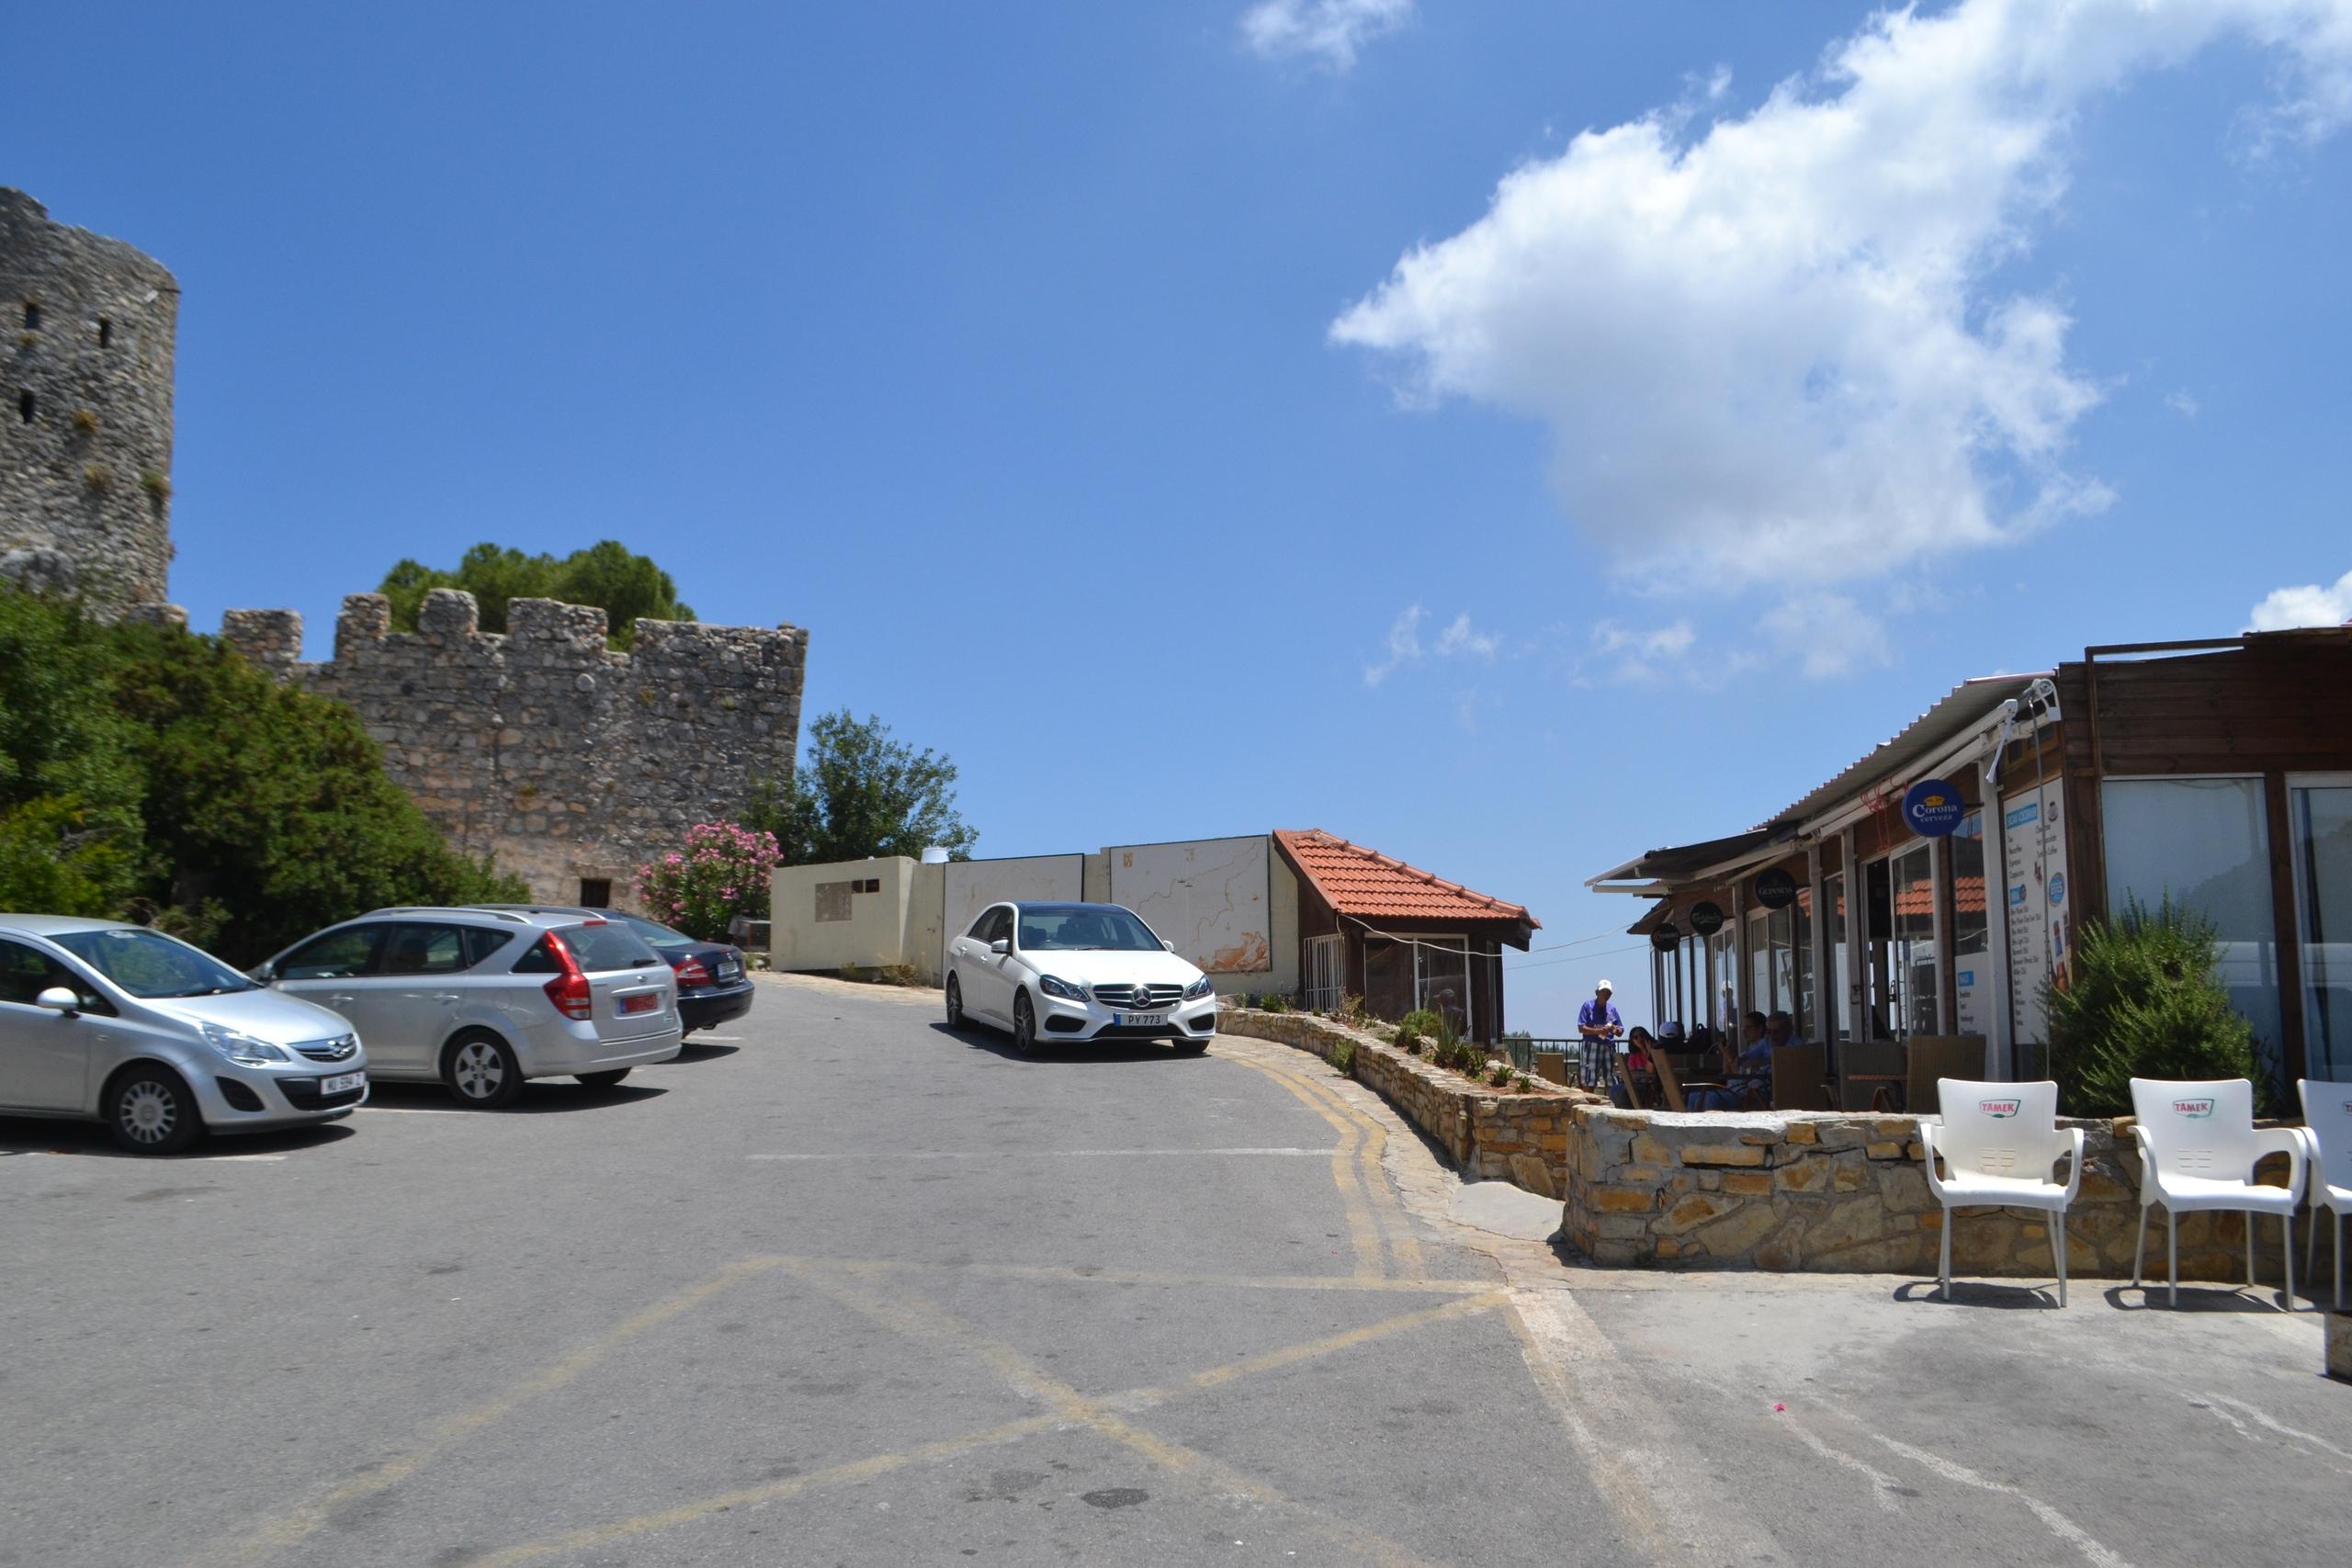 Северный Кипр. Замок Святого Иллариона. (фото). DrQ_LmznMiU